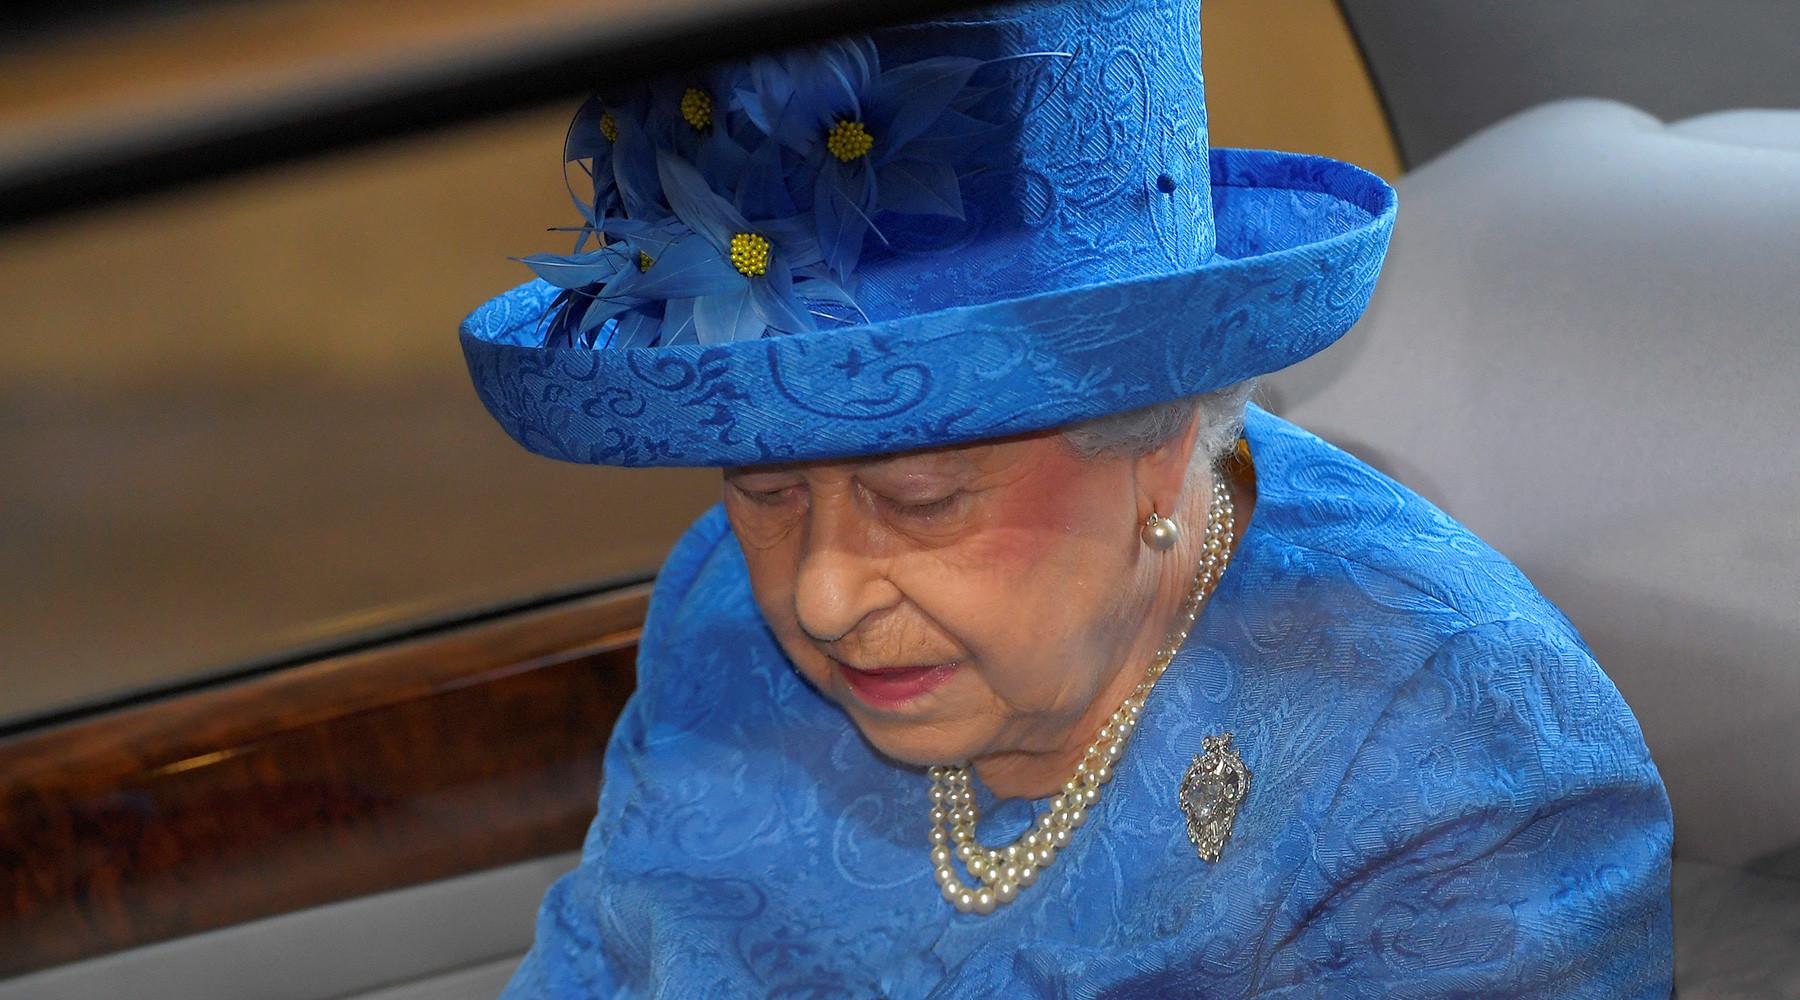 Королева говорит: Елизавета II выступила с речью о приоритетах Британии на ближайшие два года